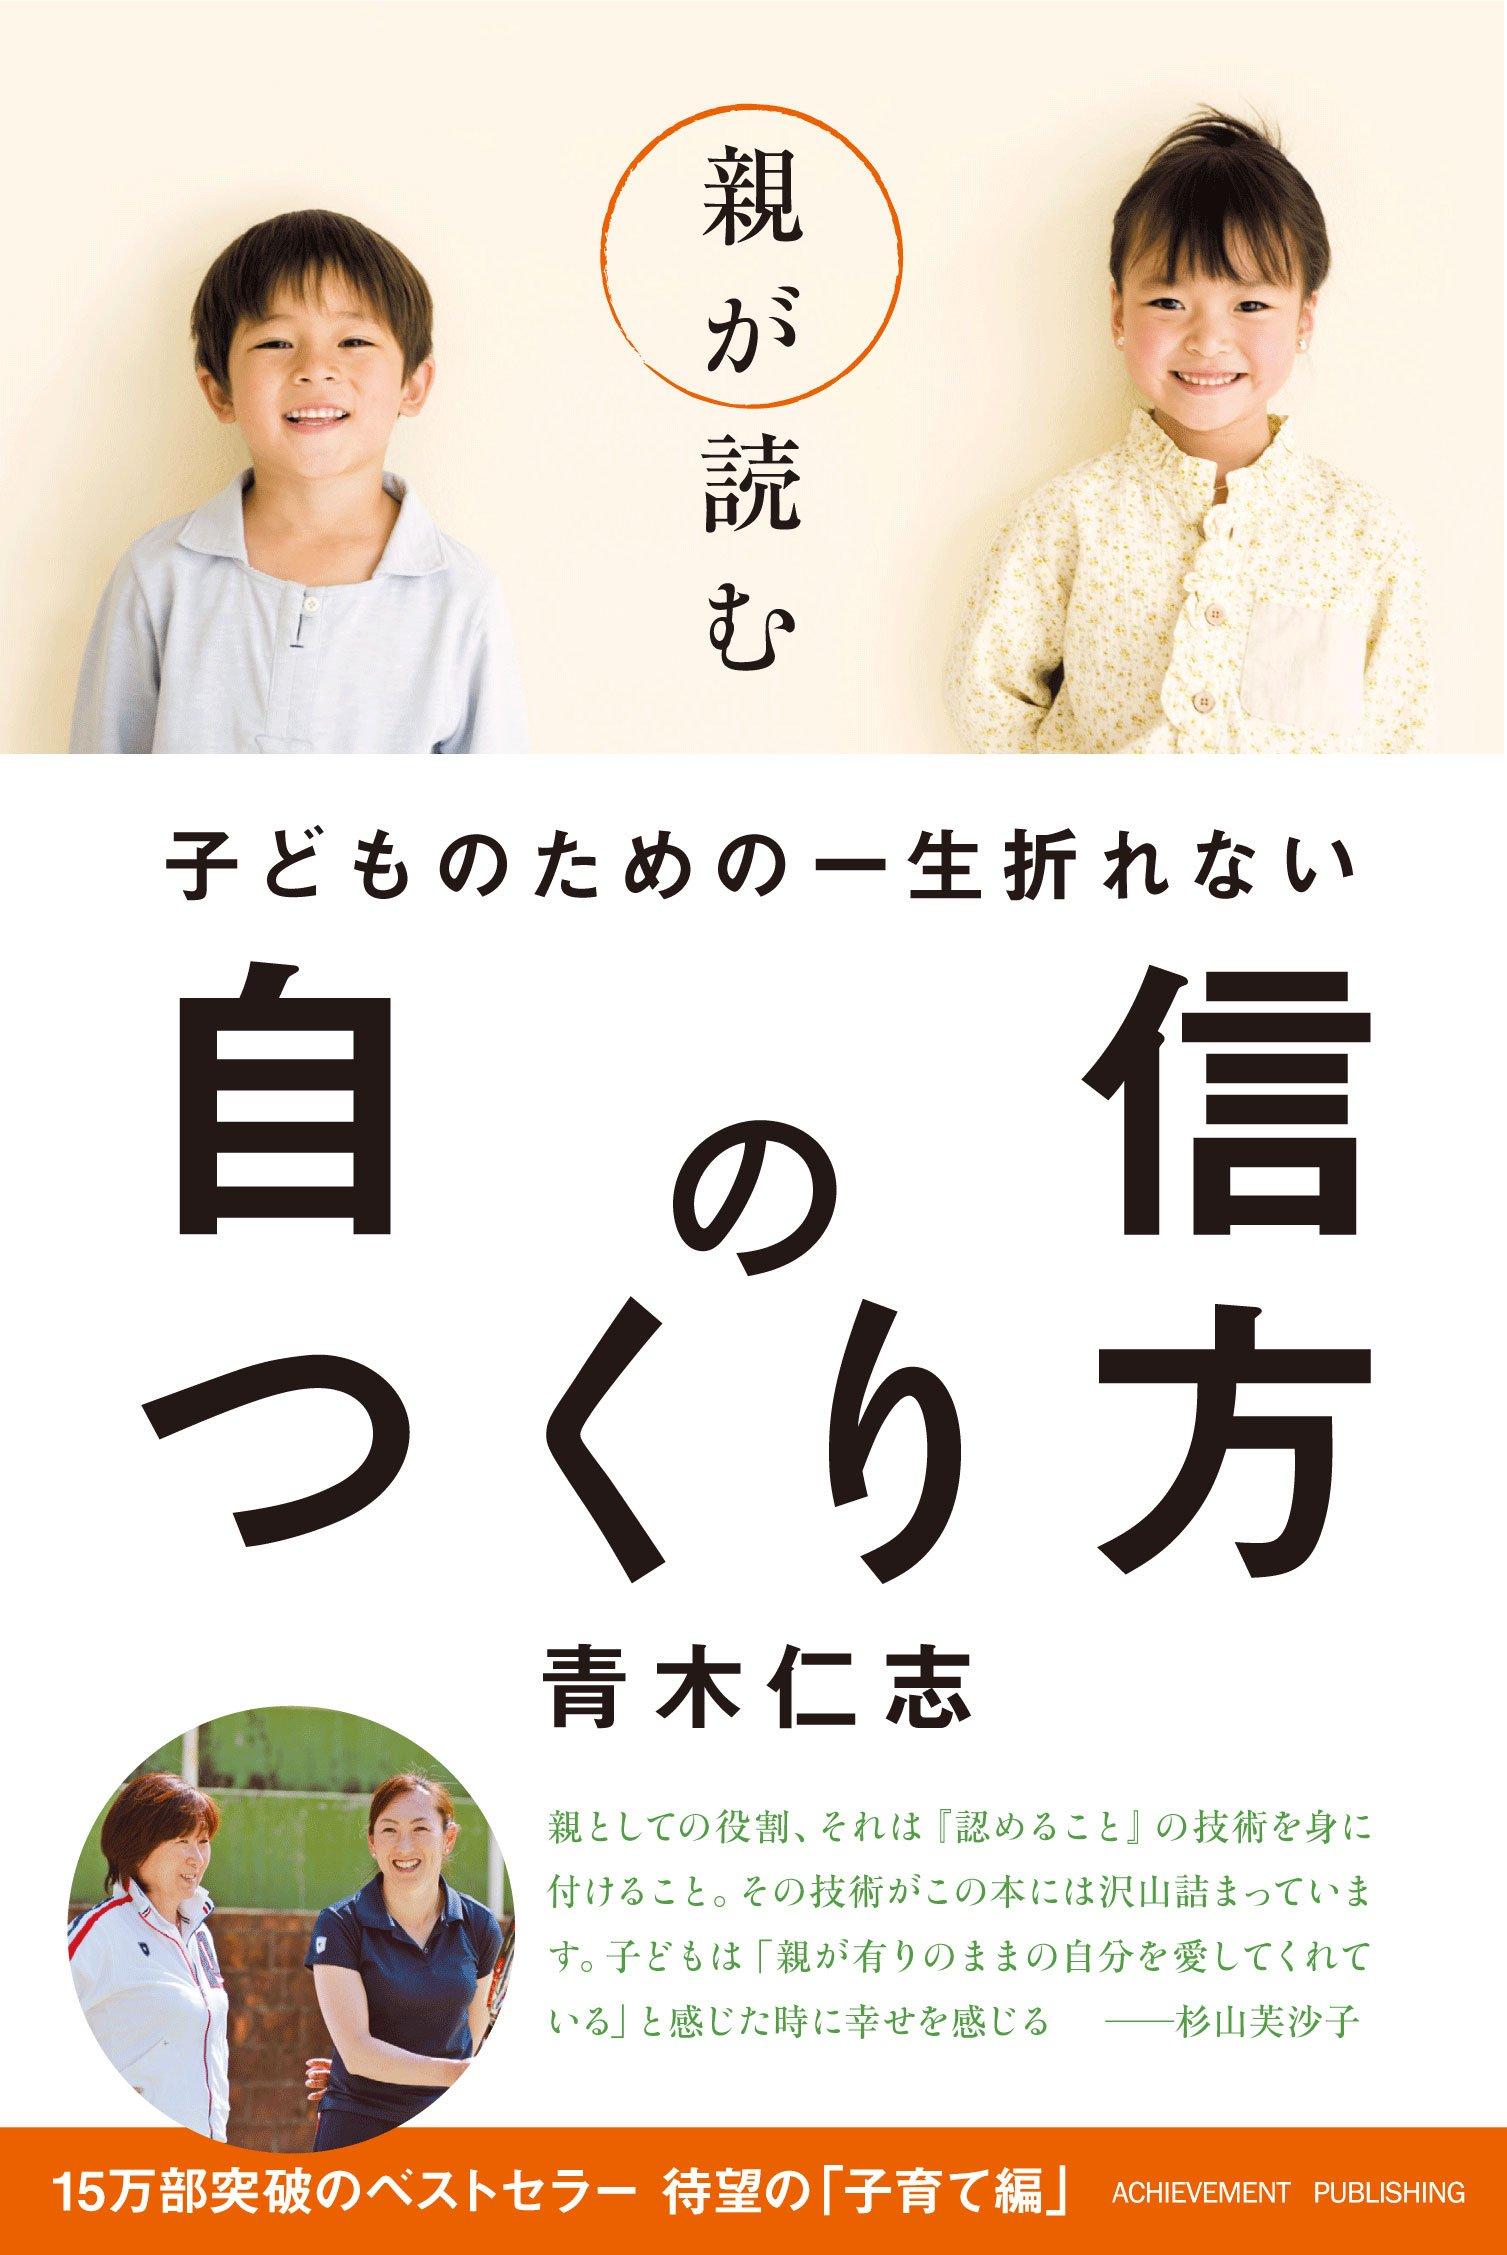 親が読む子どものための一生折れない自信のつくり方の画像1